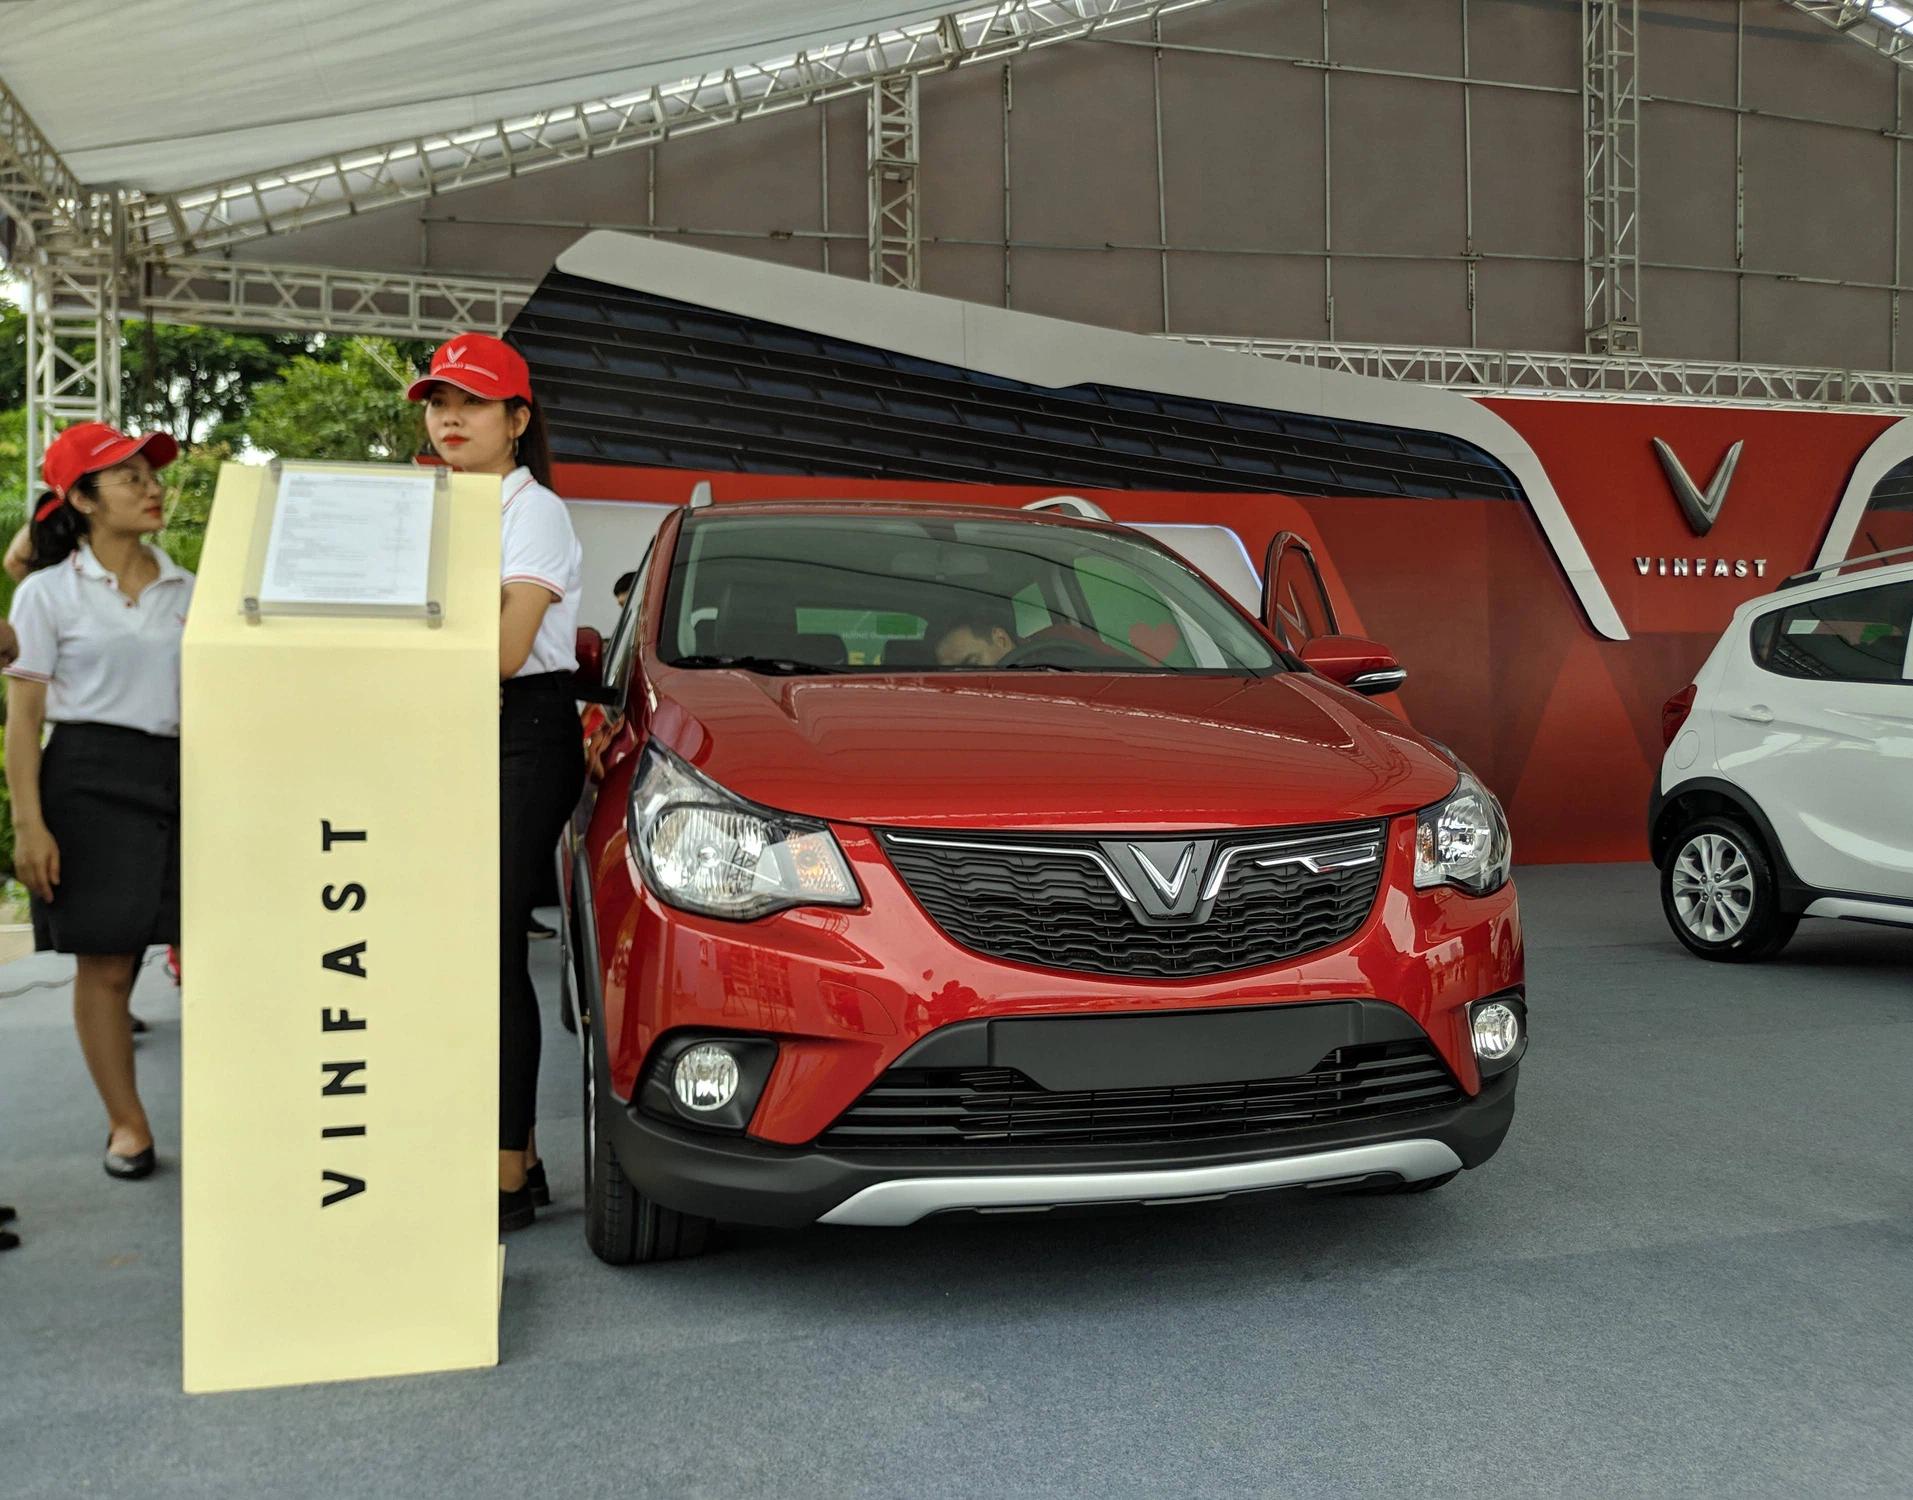 VinFast giảm 80 triệu đồng cho một số dòng xe, cam kết bù 10 triệu đồng cho mỗi tháng khách hàng bị giao xe chậm - Ảnh 1.